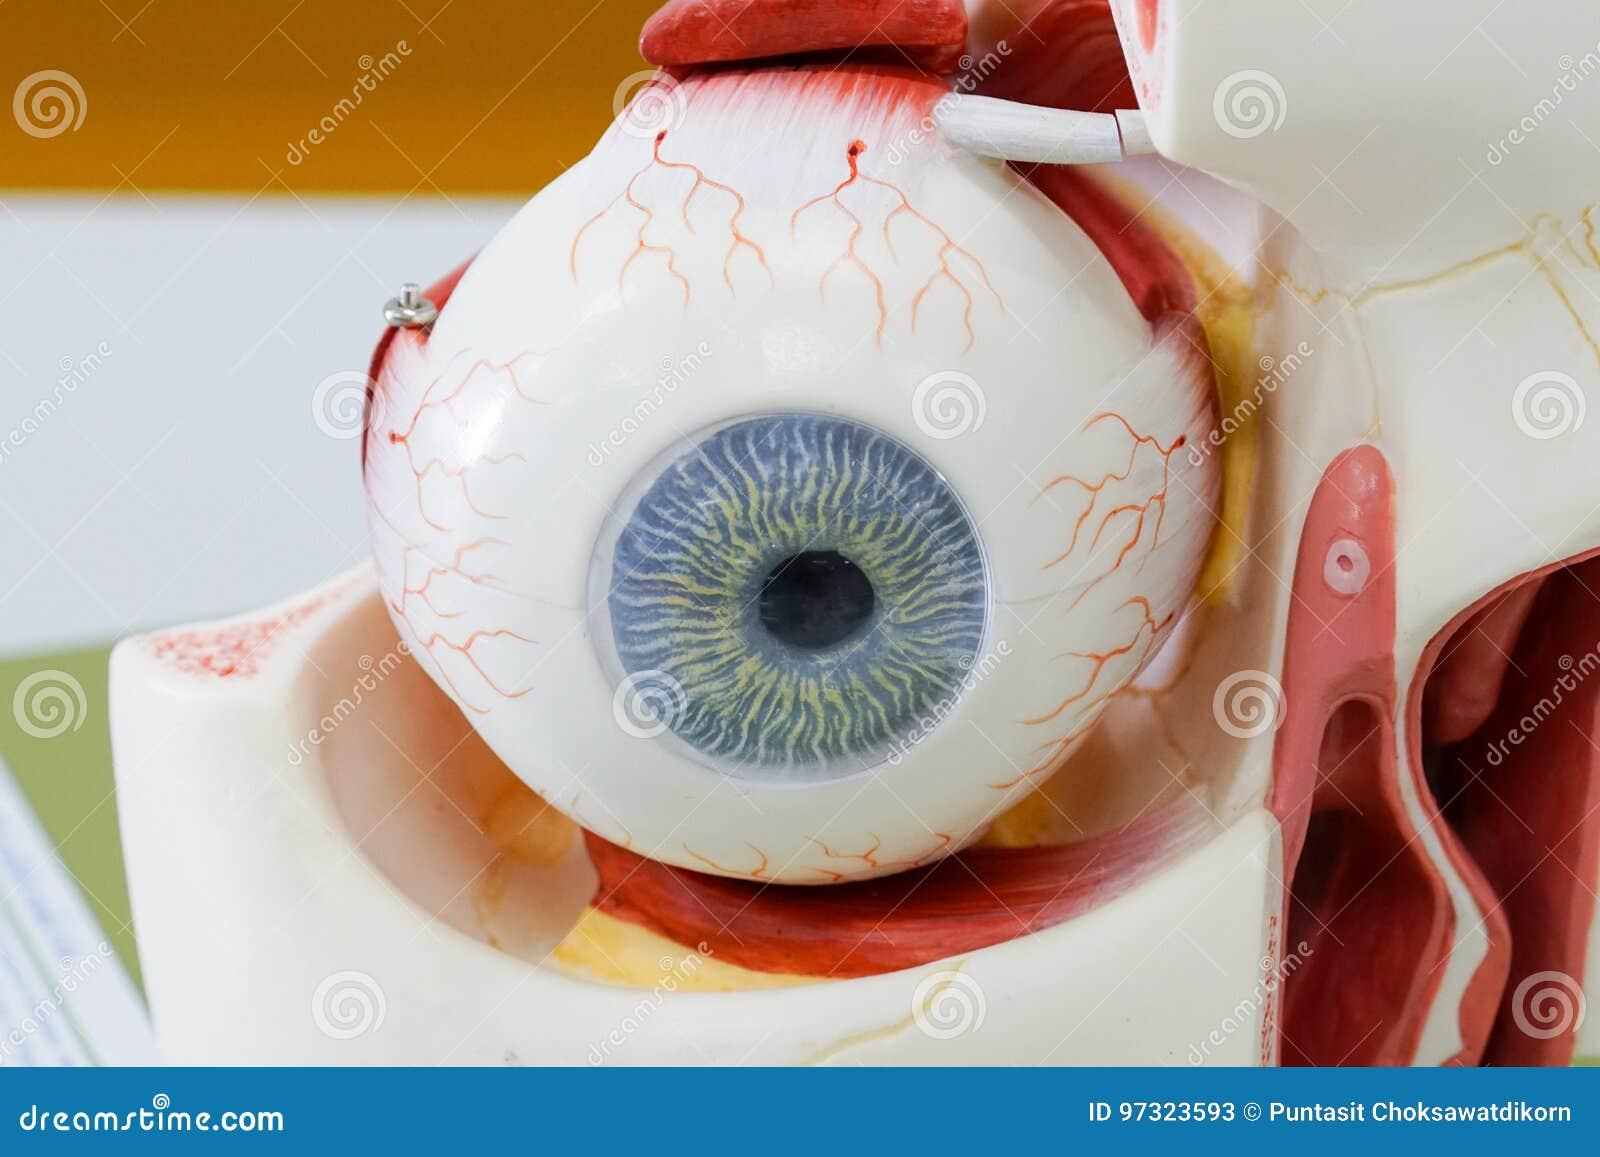 Menschliches Augen-Modell stockbild. Bild von anatomie - 97323593